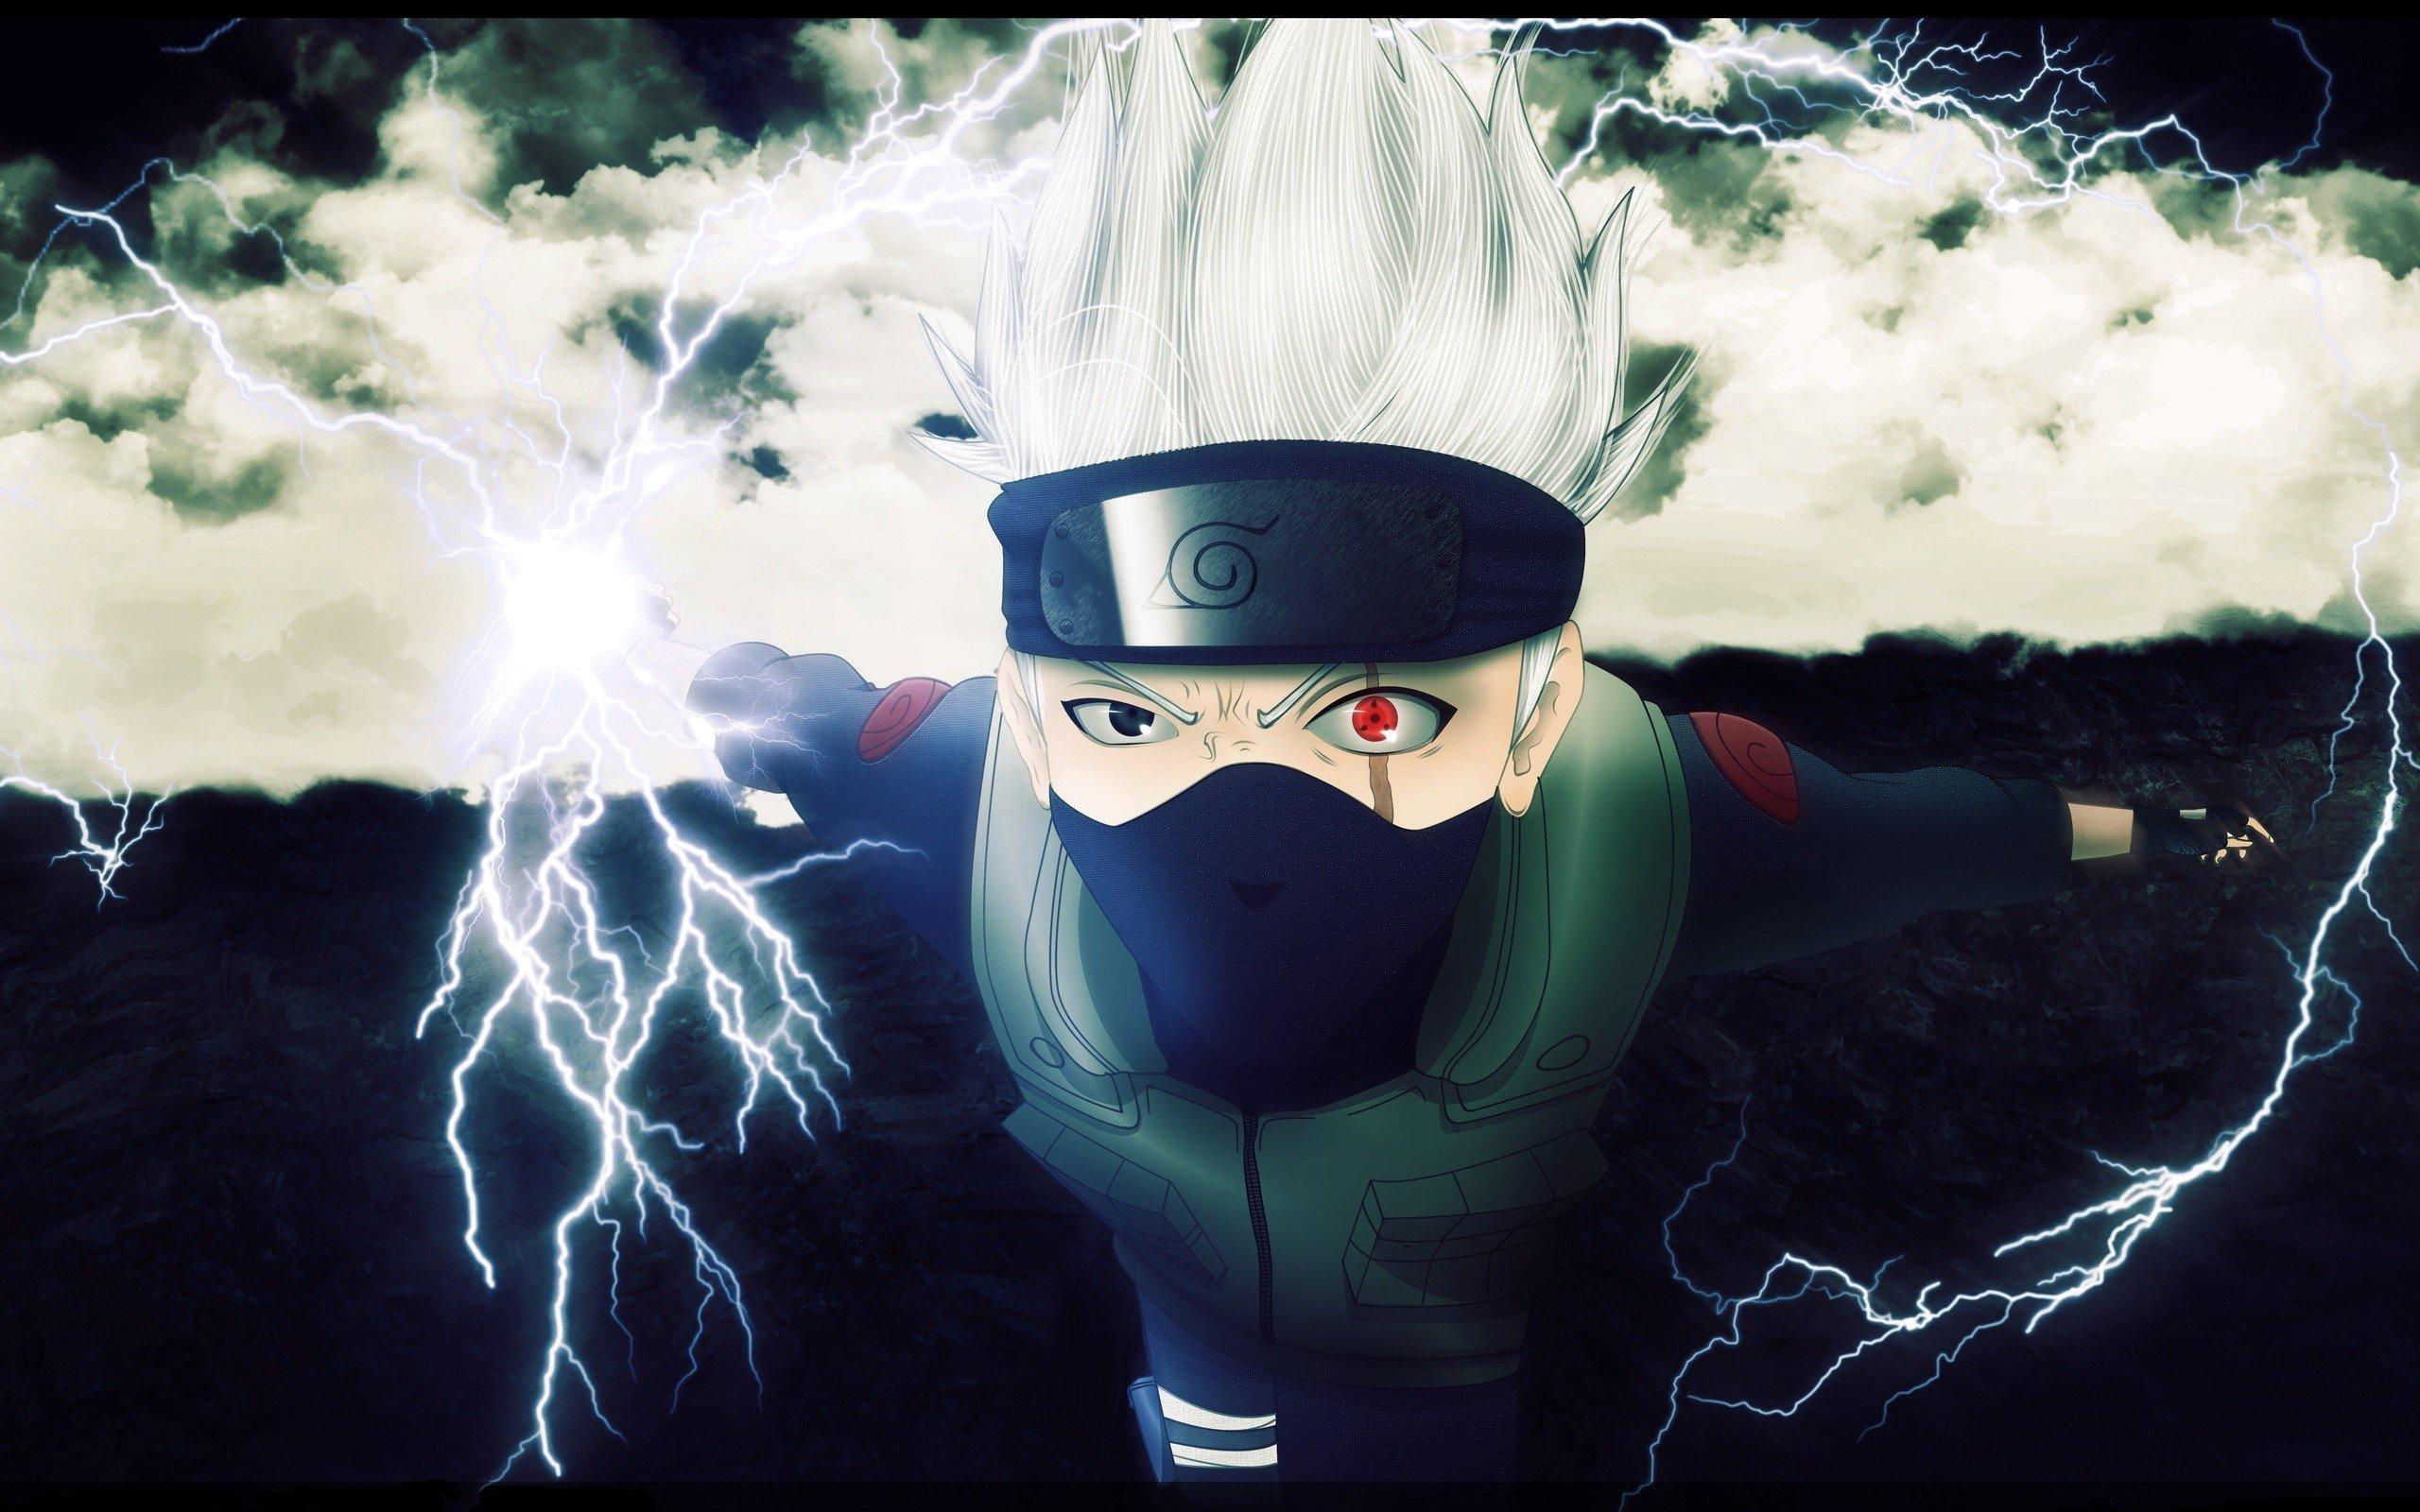 Naruto: Shippuden Sharingan Anime Kakashi Hatake Chidori